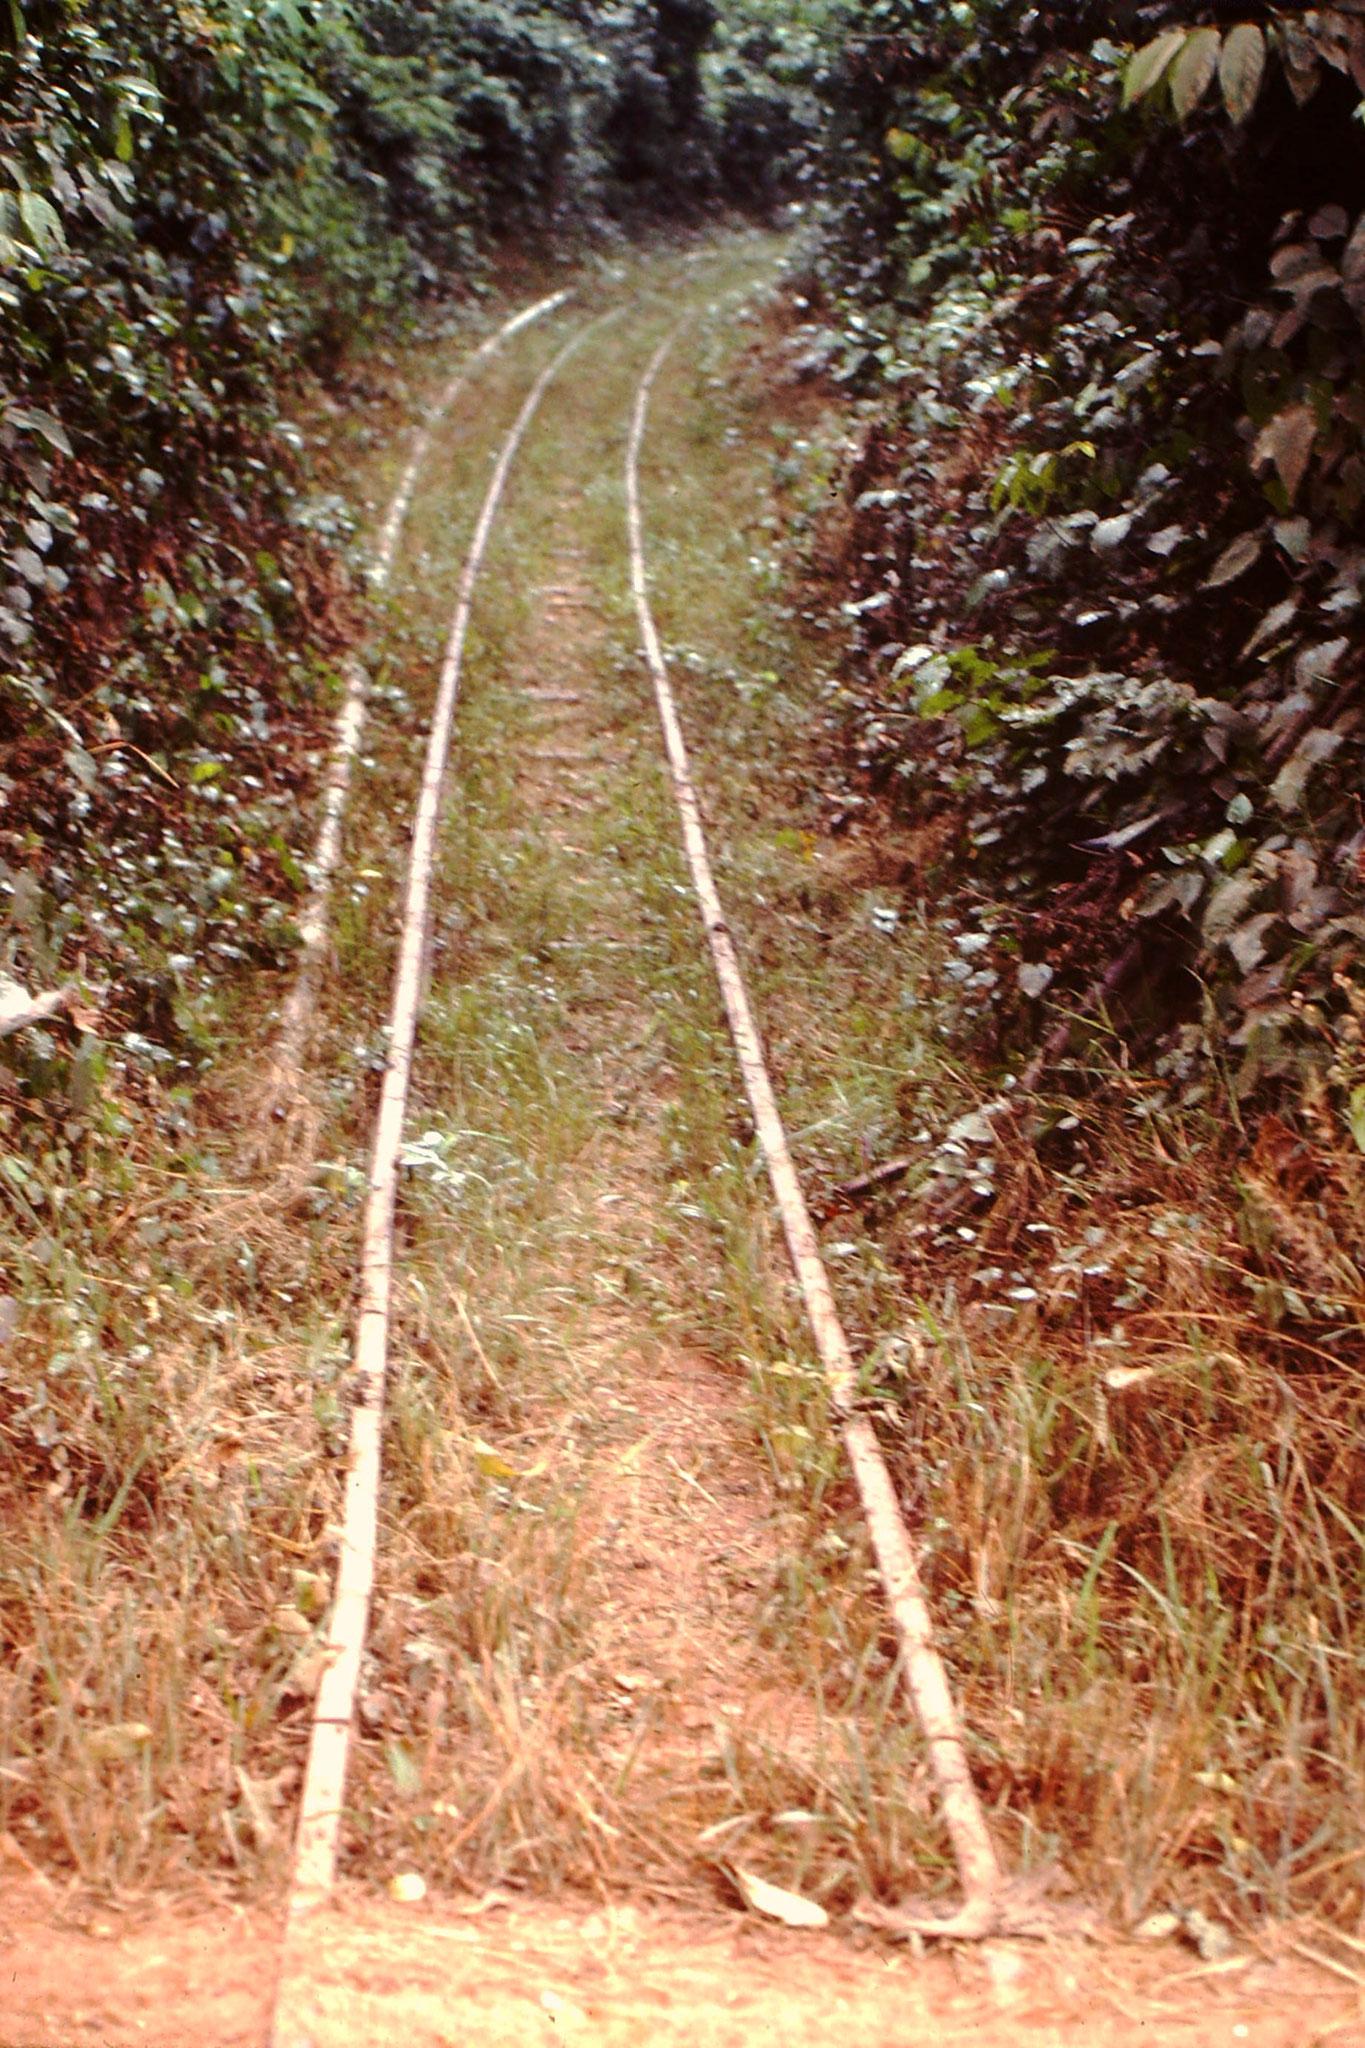 Dieses Geleise führt in den Urwald und wird ausschliesslich von der Forstwirtschaft zum abtransportieren der gefällten Bäume gebraucht.